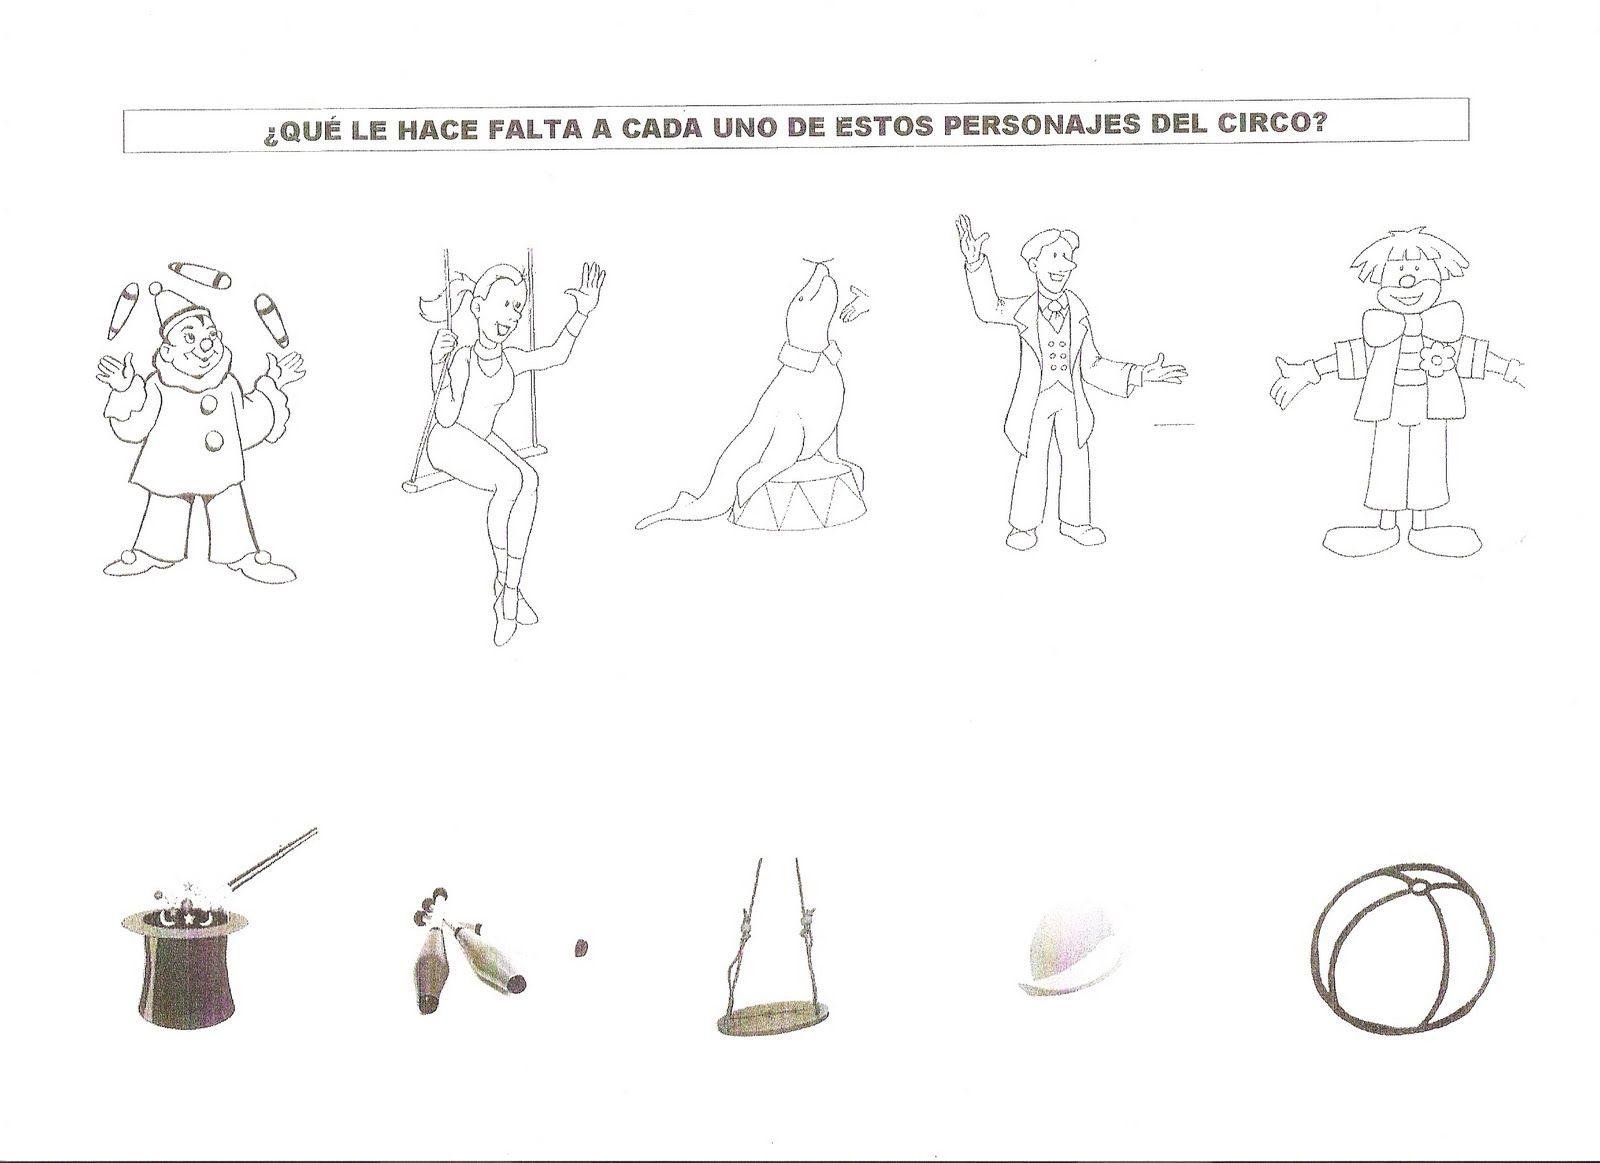 Escanear0004g 16001163 fichas circo pinterest circo escanear0004g 16001163 fandeluxe Image collections